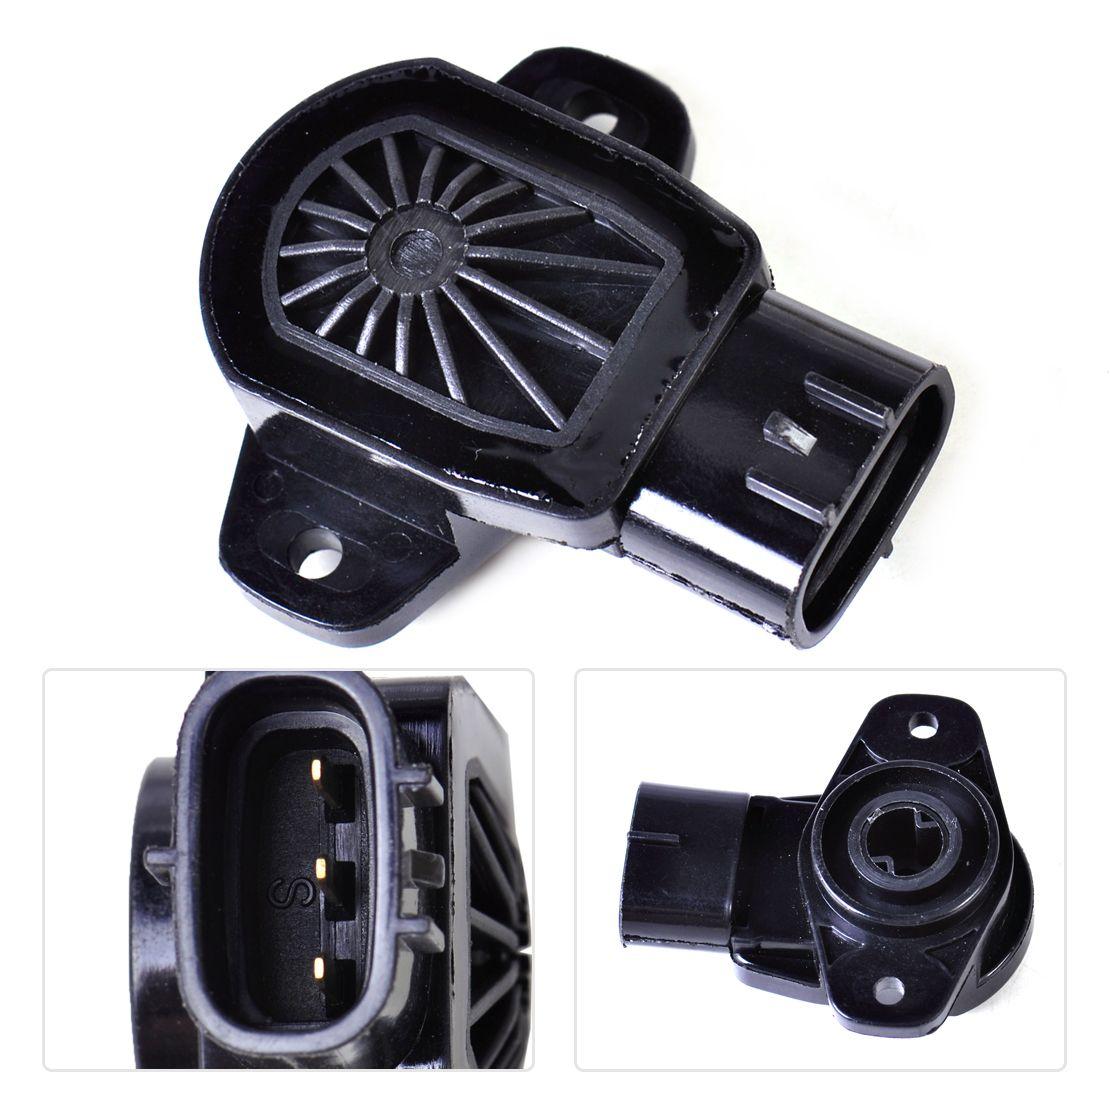 beler New 1Pc Black TPS Throttle Position Sensor TH296 91175256 1342065D00 5S5075 Fit For Suzuki XL-7 Vitara Chevrolet Tracker